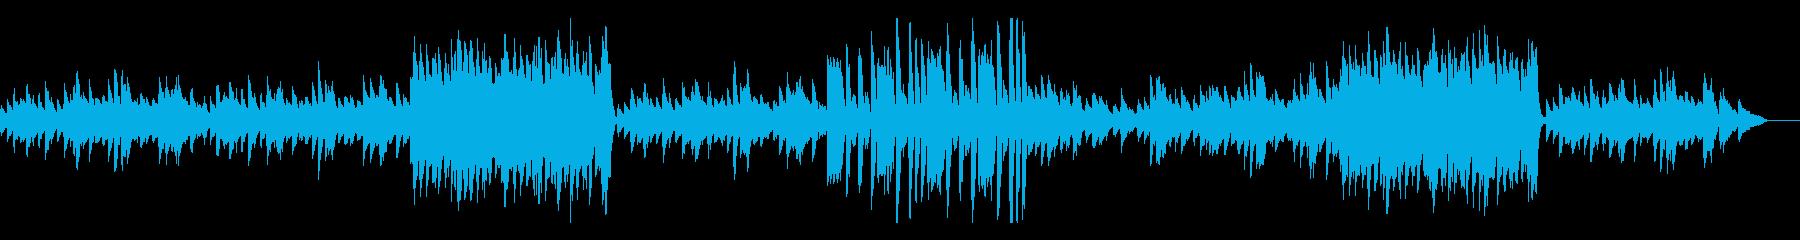 シューマン 無邪気で悪戯なピアノ曲高音質の再生済みの波形